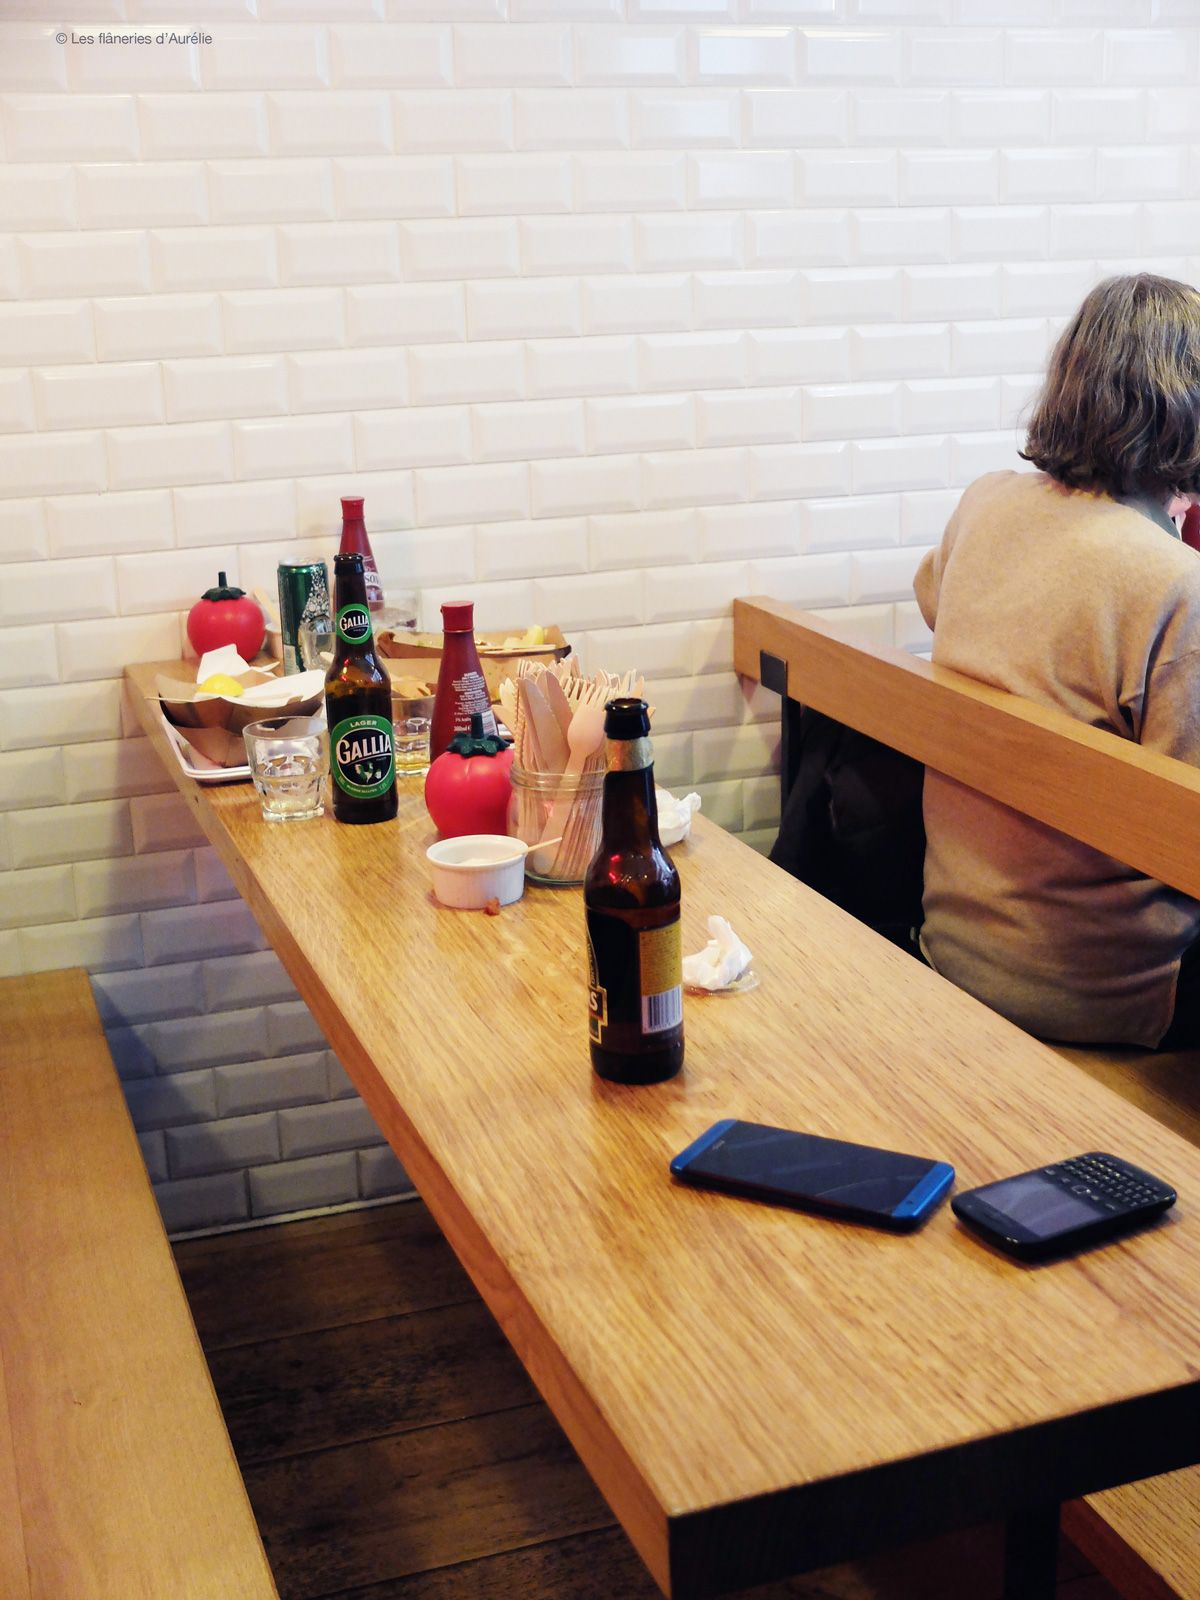 Manger sur le pouce à Paris #2 | Les flâneries d'Aurélie